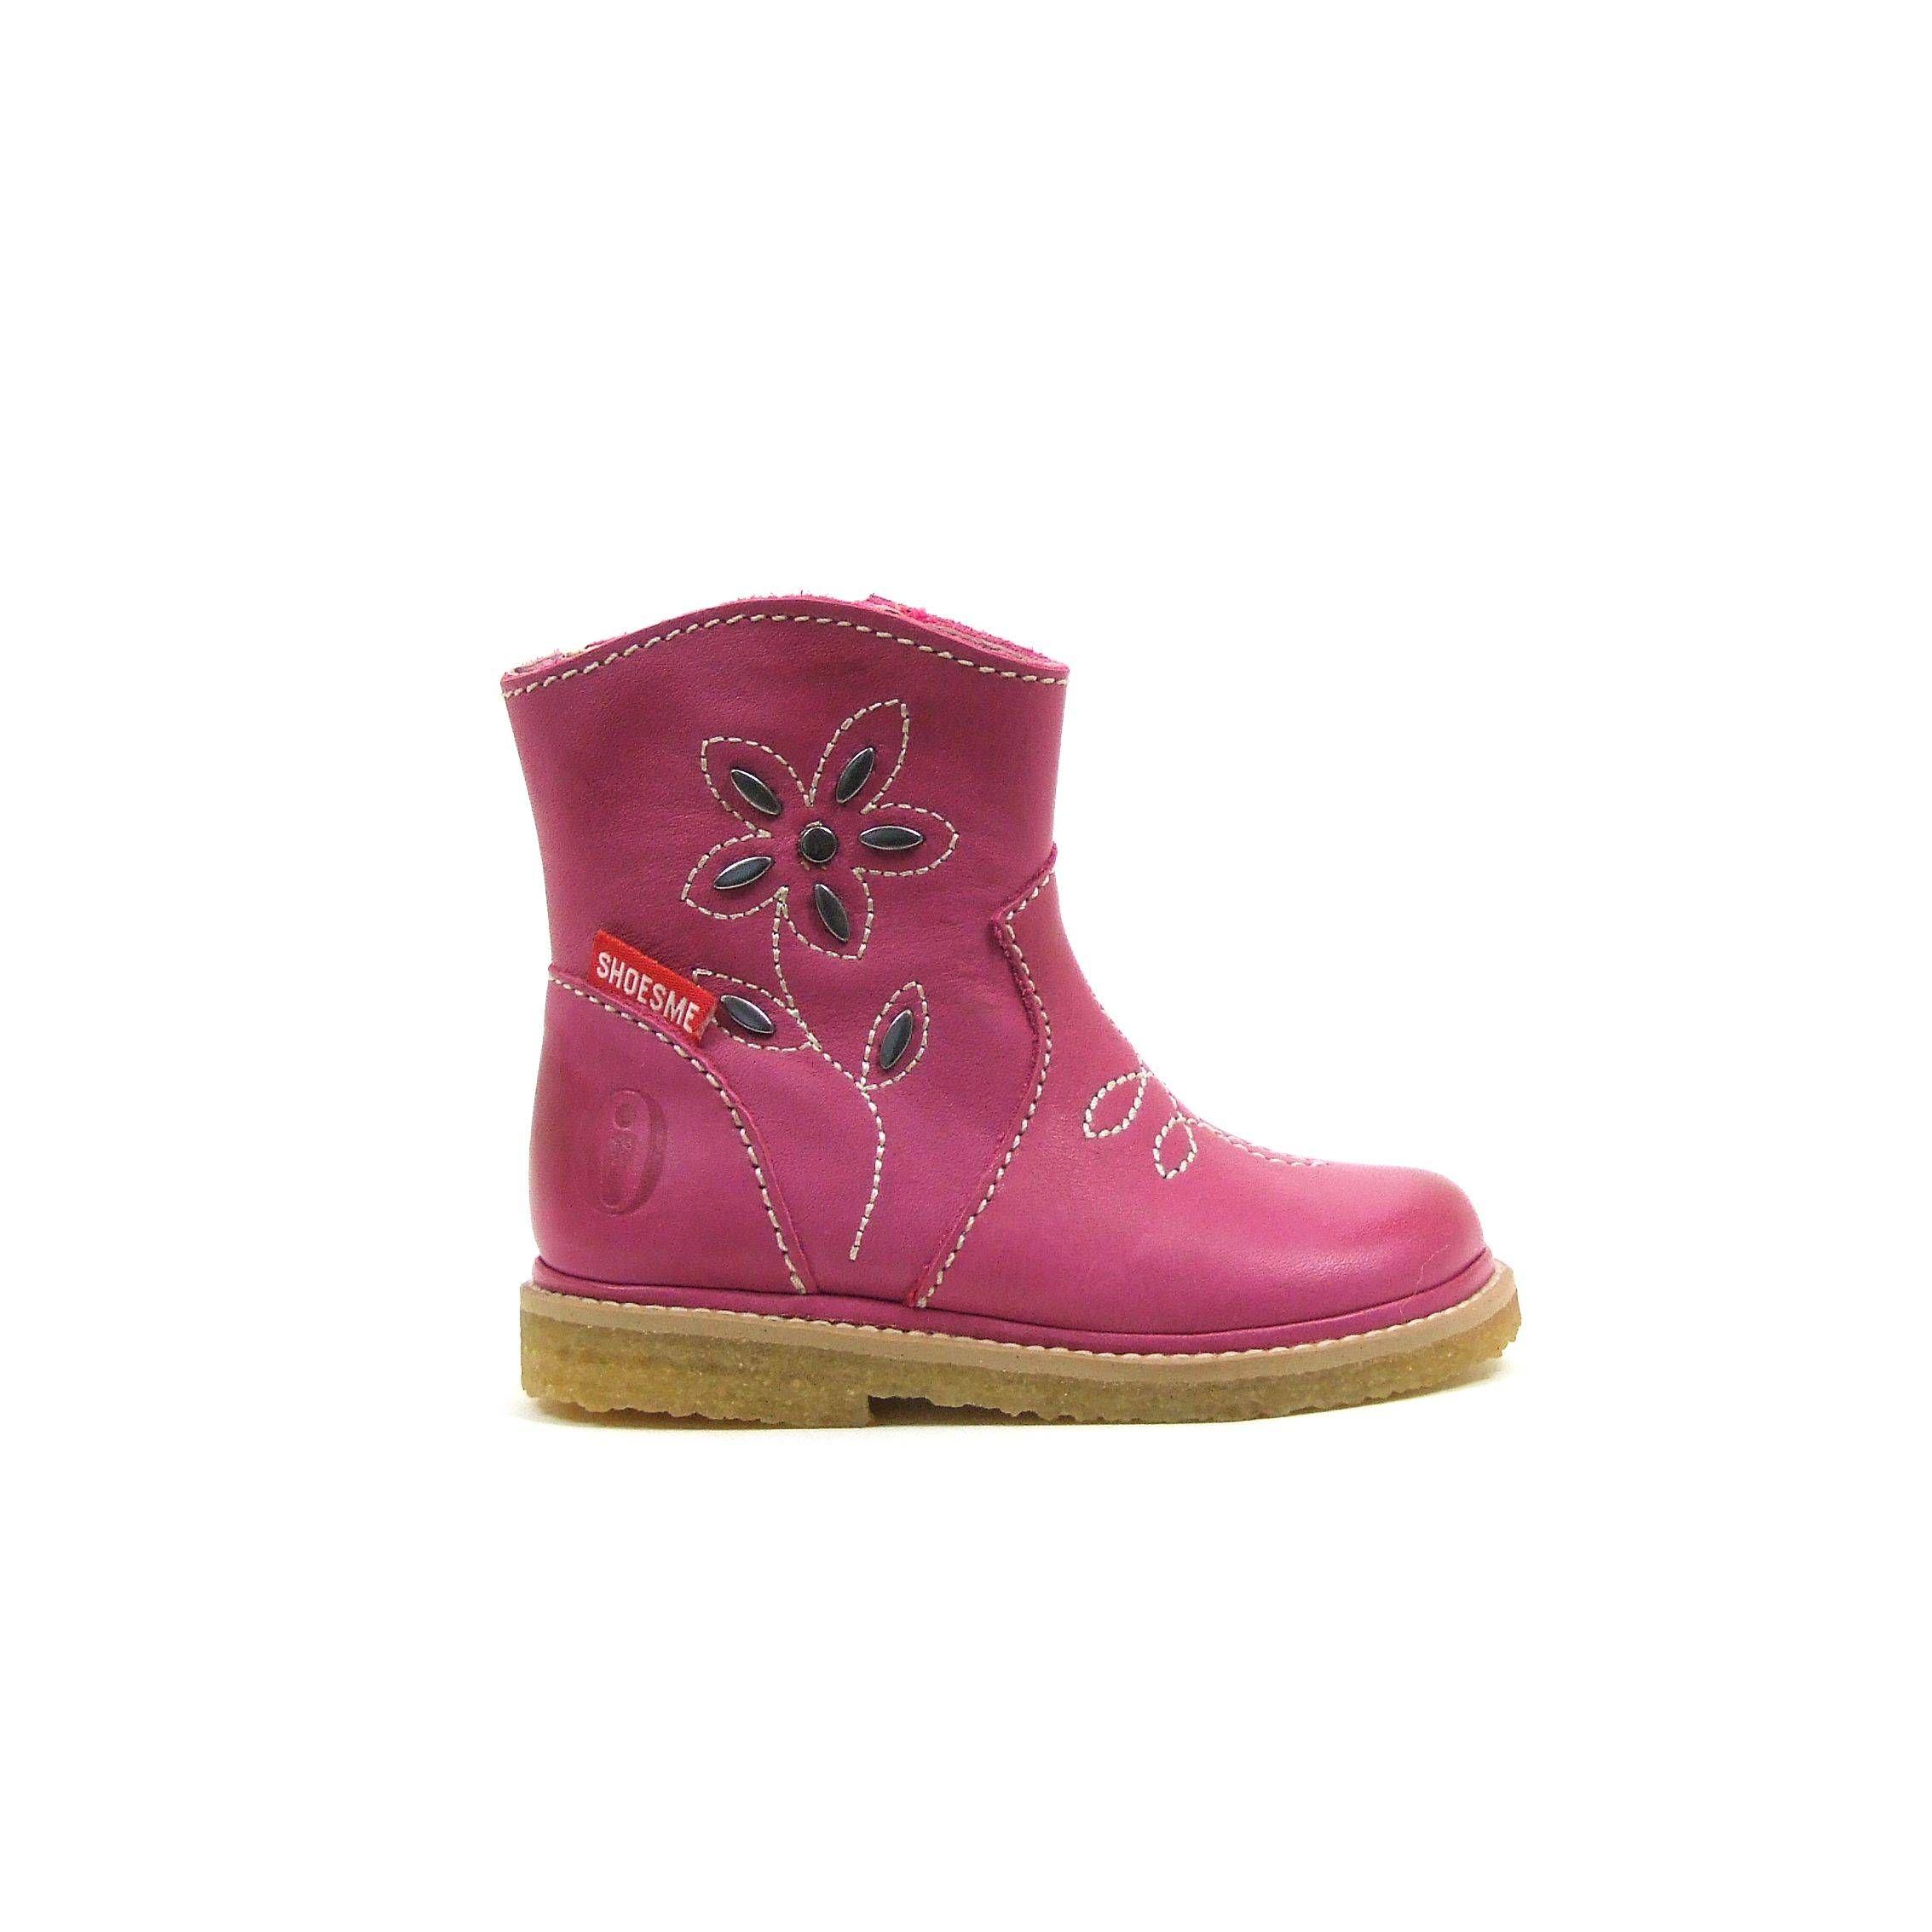 51c7480021d Kleurige roze laarsjes van Shoesme! Deze meiden laarzen hebben op de wreef  een fantasie stiksel